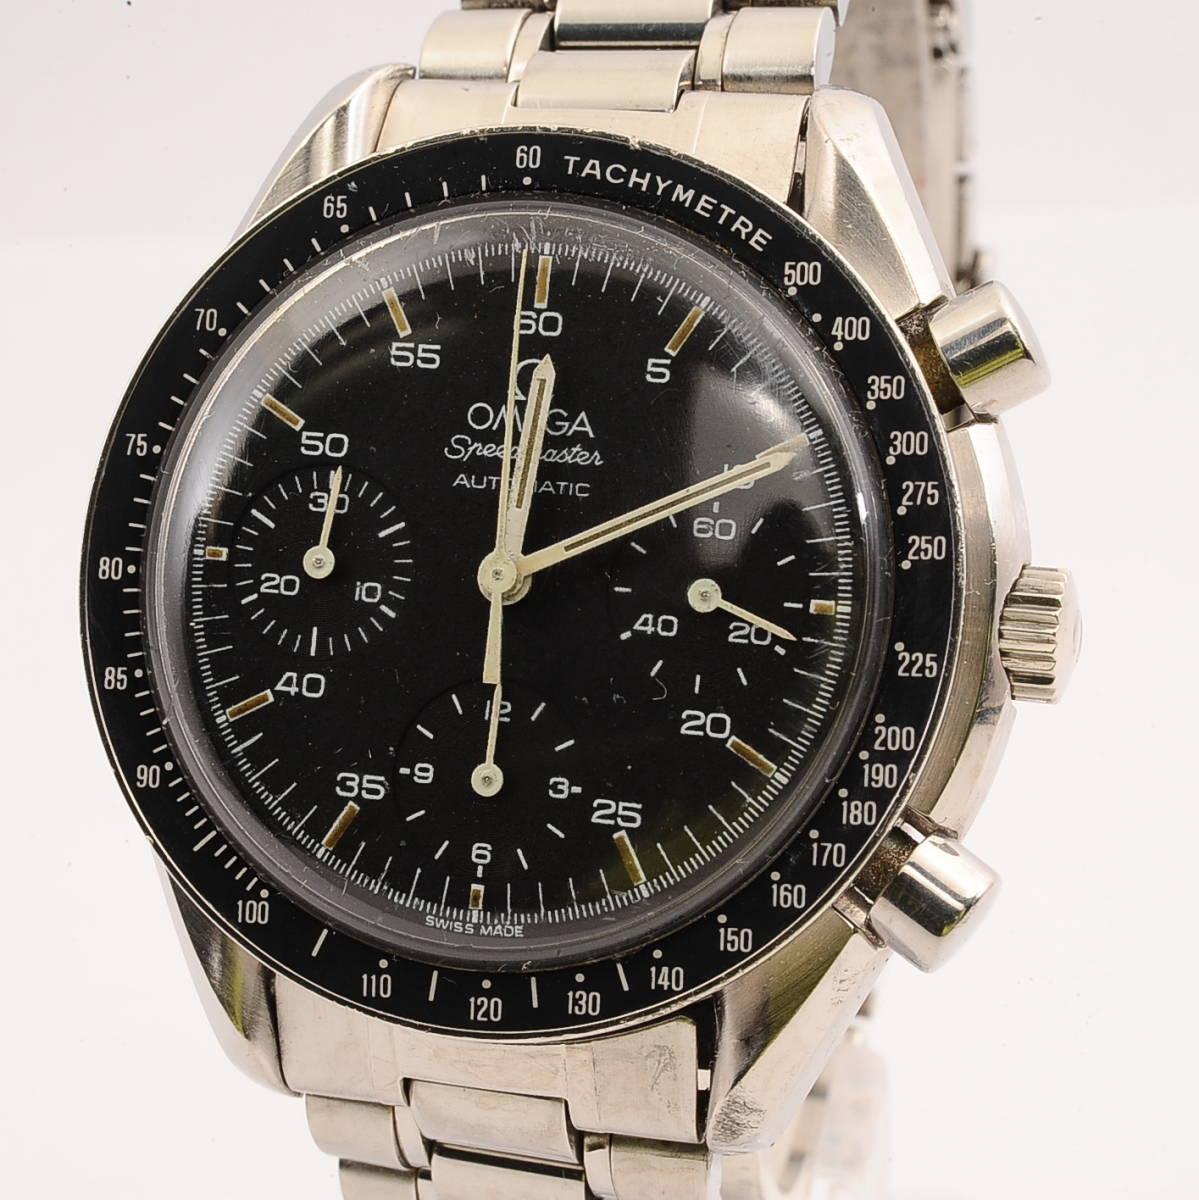 【希少品】オメガ スピードマスター Ref,175.0032 Cal,1140 OMEGA Speedmaster Automaticクロノグラフ 自動巻 メンズ 男性腕時計[53676495]